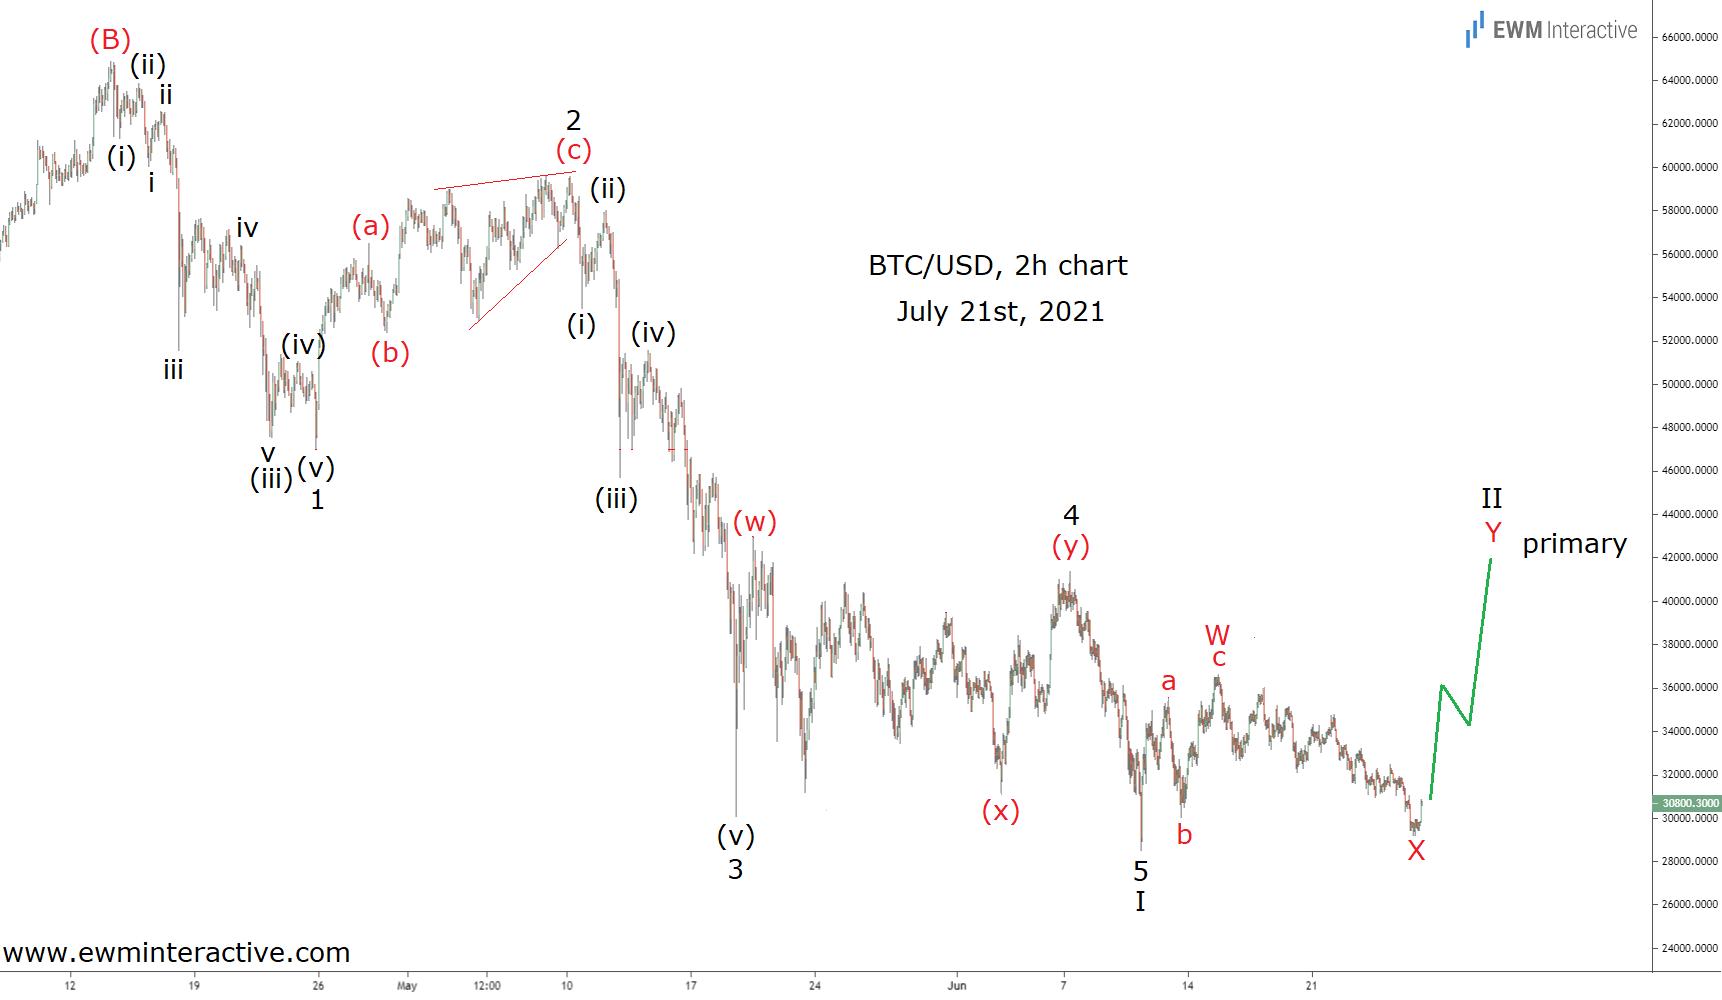 BTC/USD 2-Hr Chart - July 21st, 2021